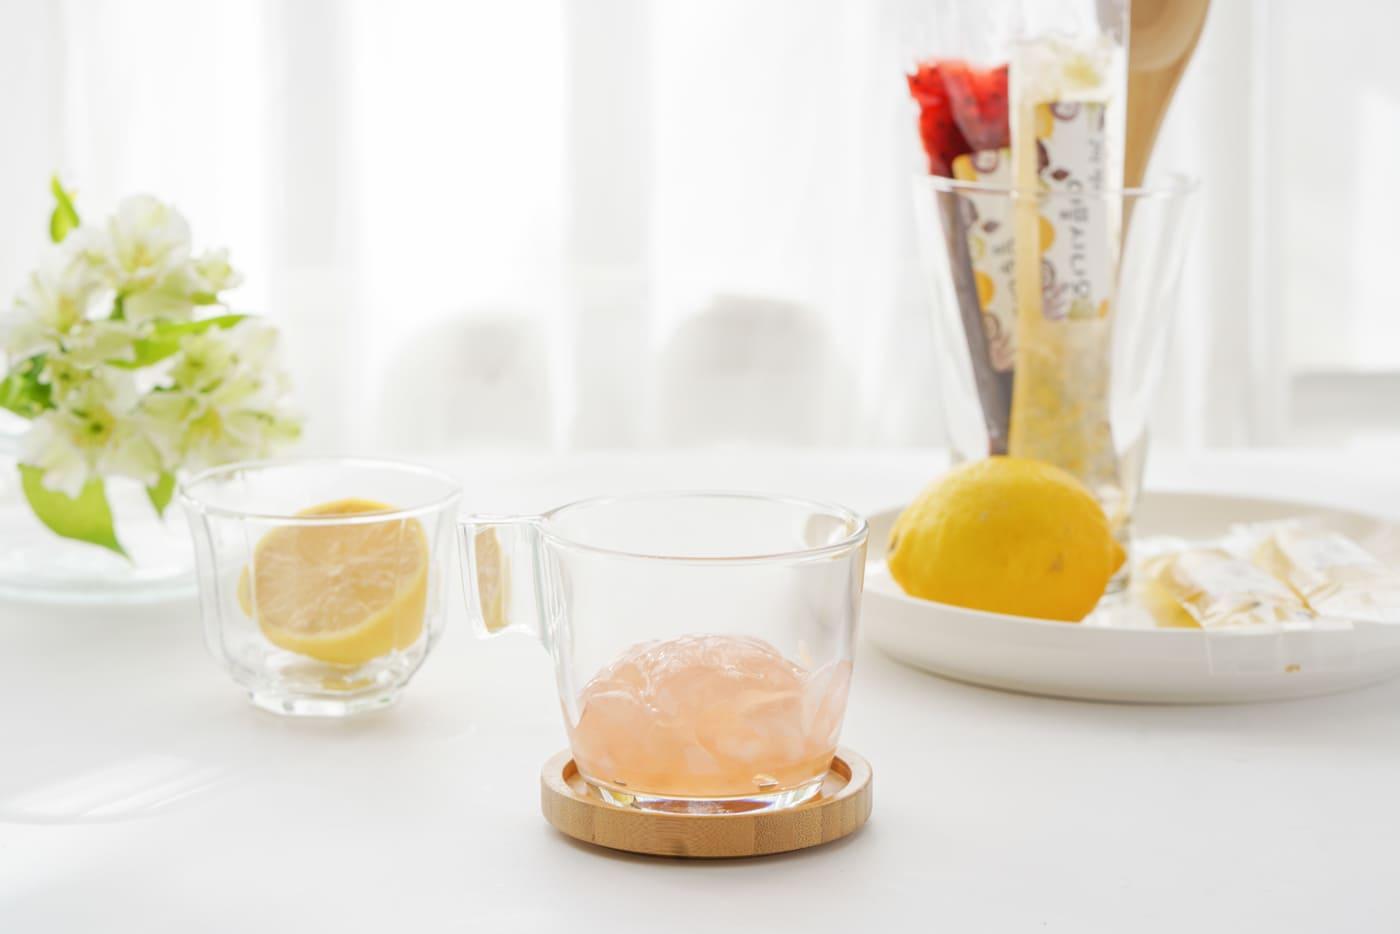 포레스트(화담) 수제 과일 곤약 젤리 세트/자몽,블루베리,애플시나몬,백향과 상세이미지1